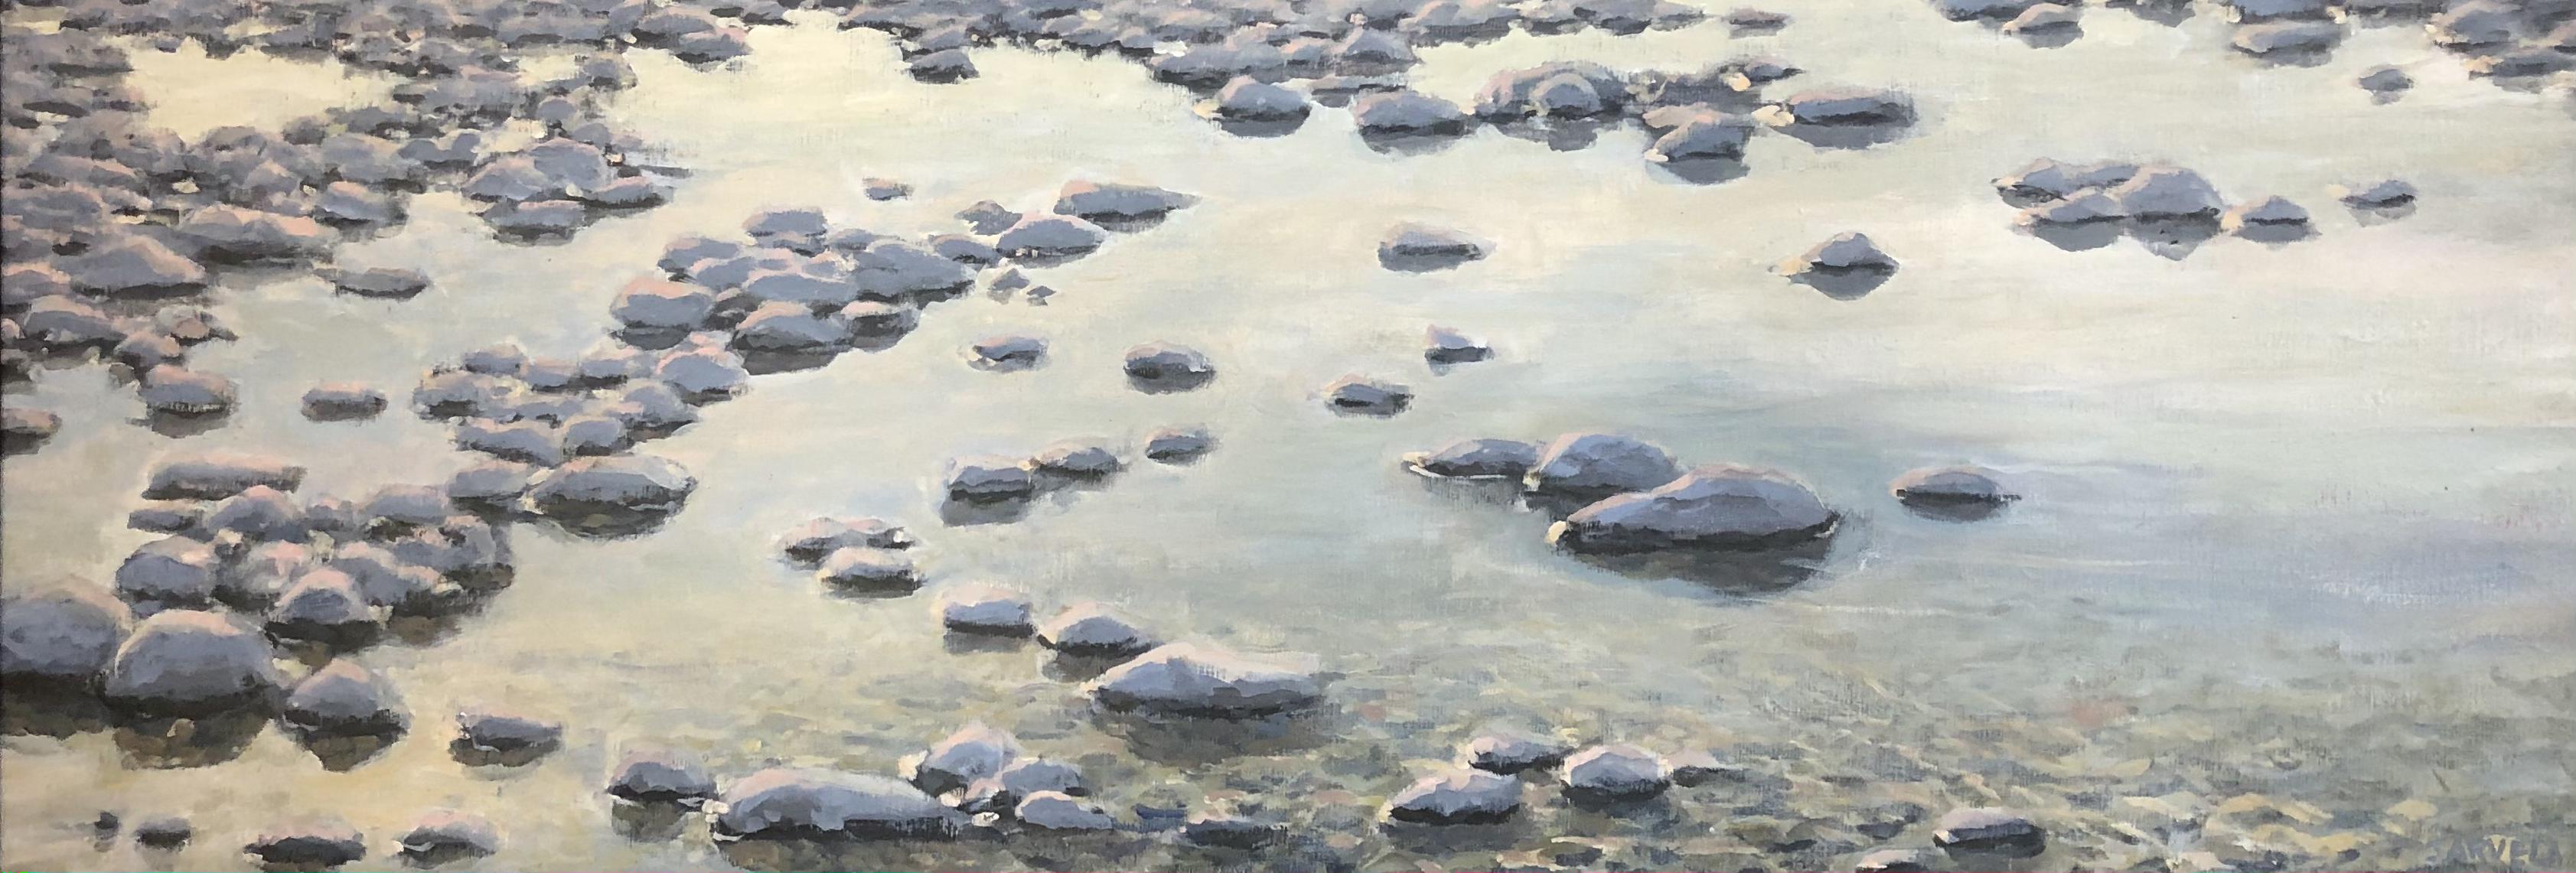 Jarvela-Stones in the River